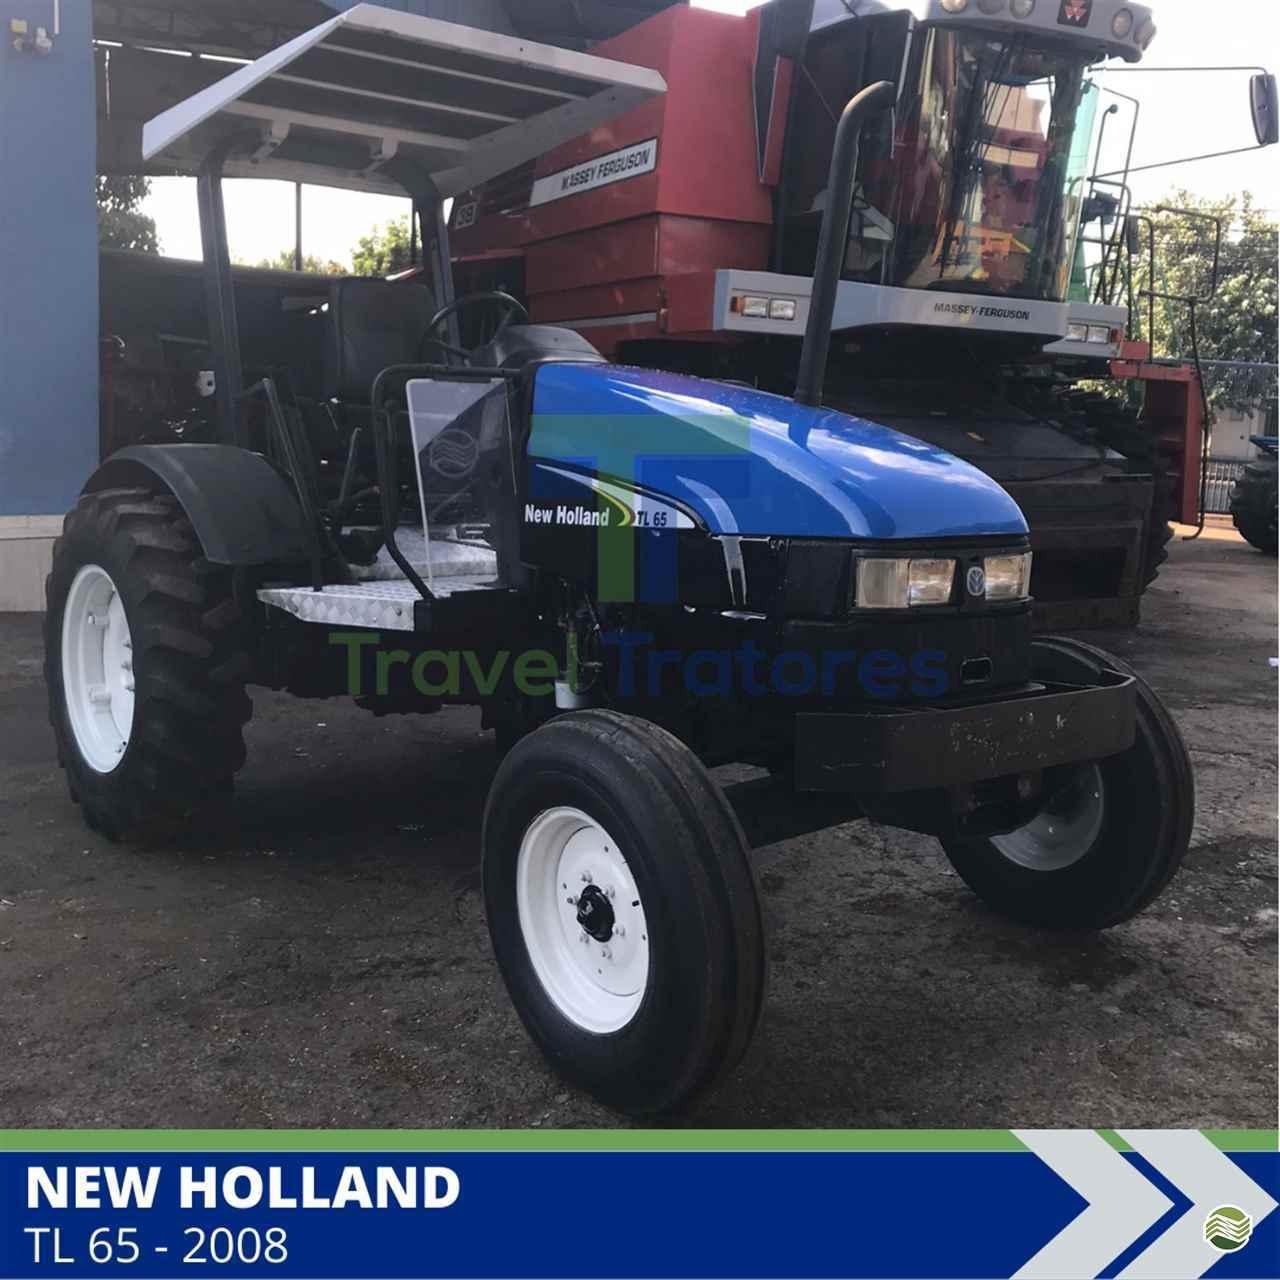 TRATOR NEW HOLLAND NEW TL 65 Tração 4x2 Travel Máquinas Agrícolas LONDRINA PARANÁ PR